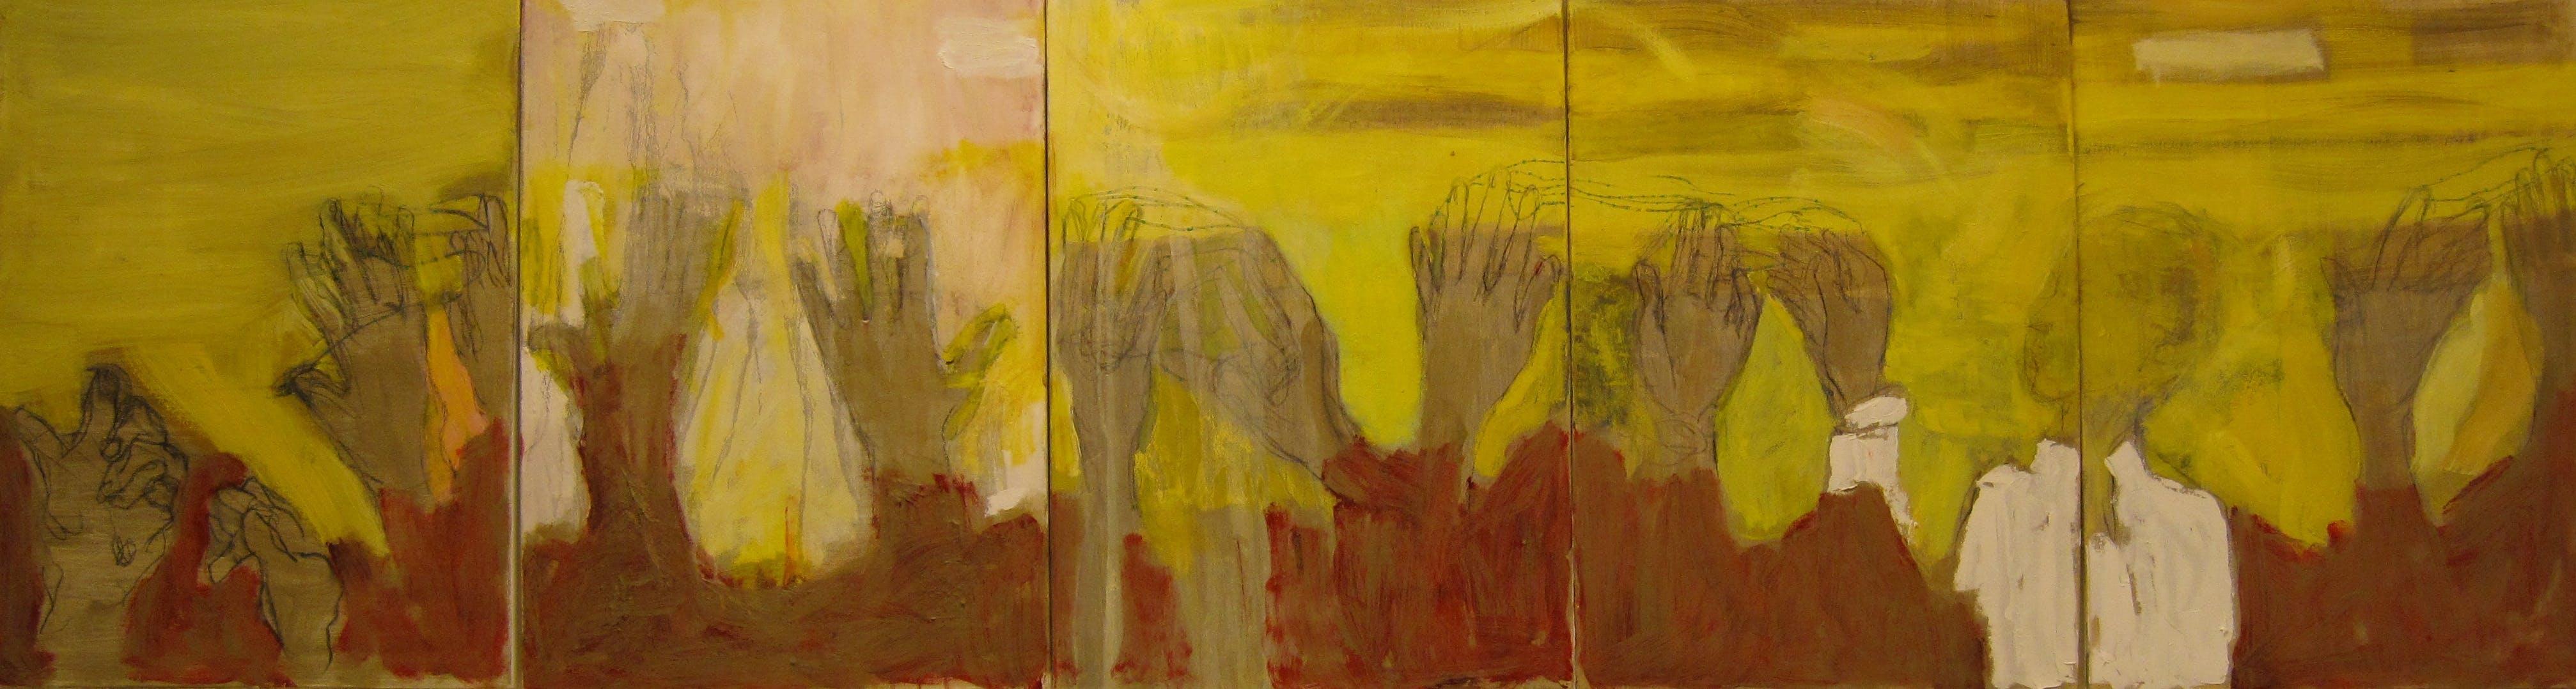 Kävin Taivaassa, 5 x 70cm x 55cm, öljy/tempera kankaalle, 2010